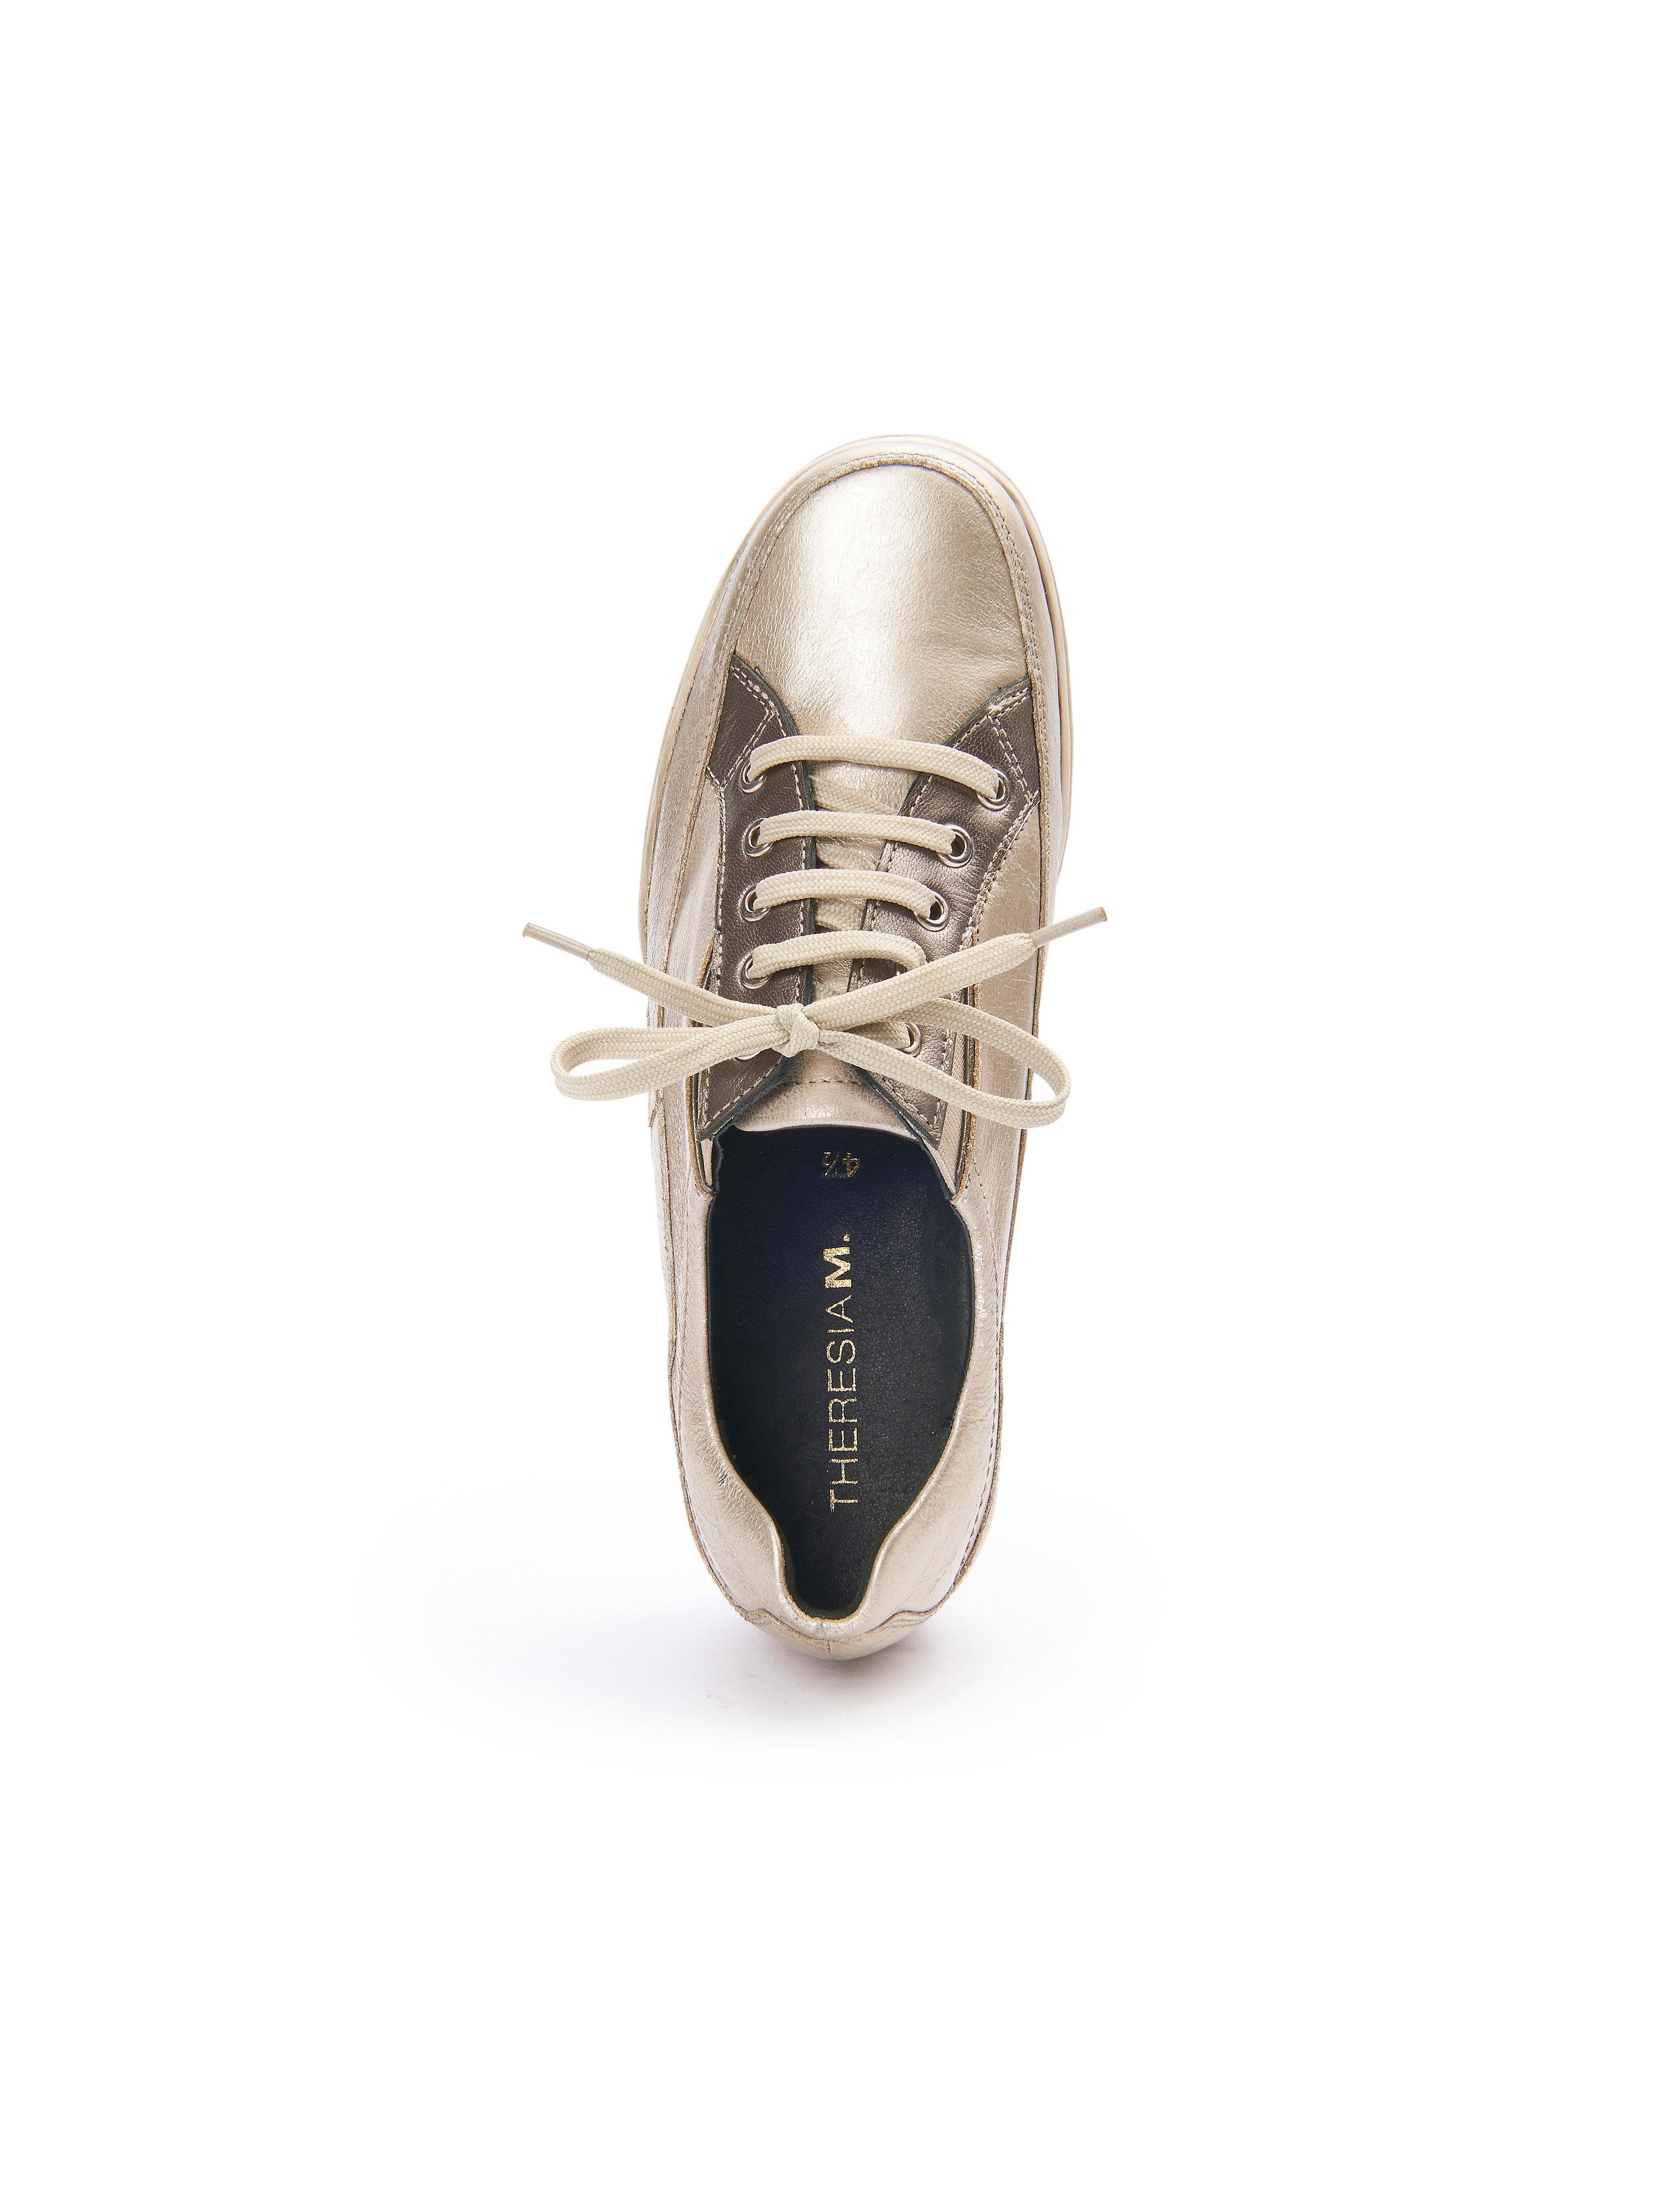 Theresia M. - Gute Sportiver Schnürer - Platin-Metallic Gute - Qualität beliebte Schuhe 887ba5